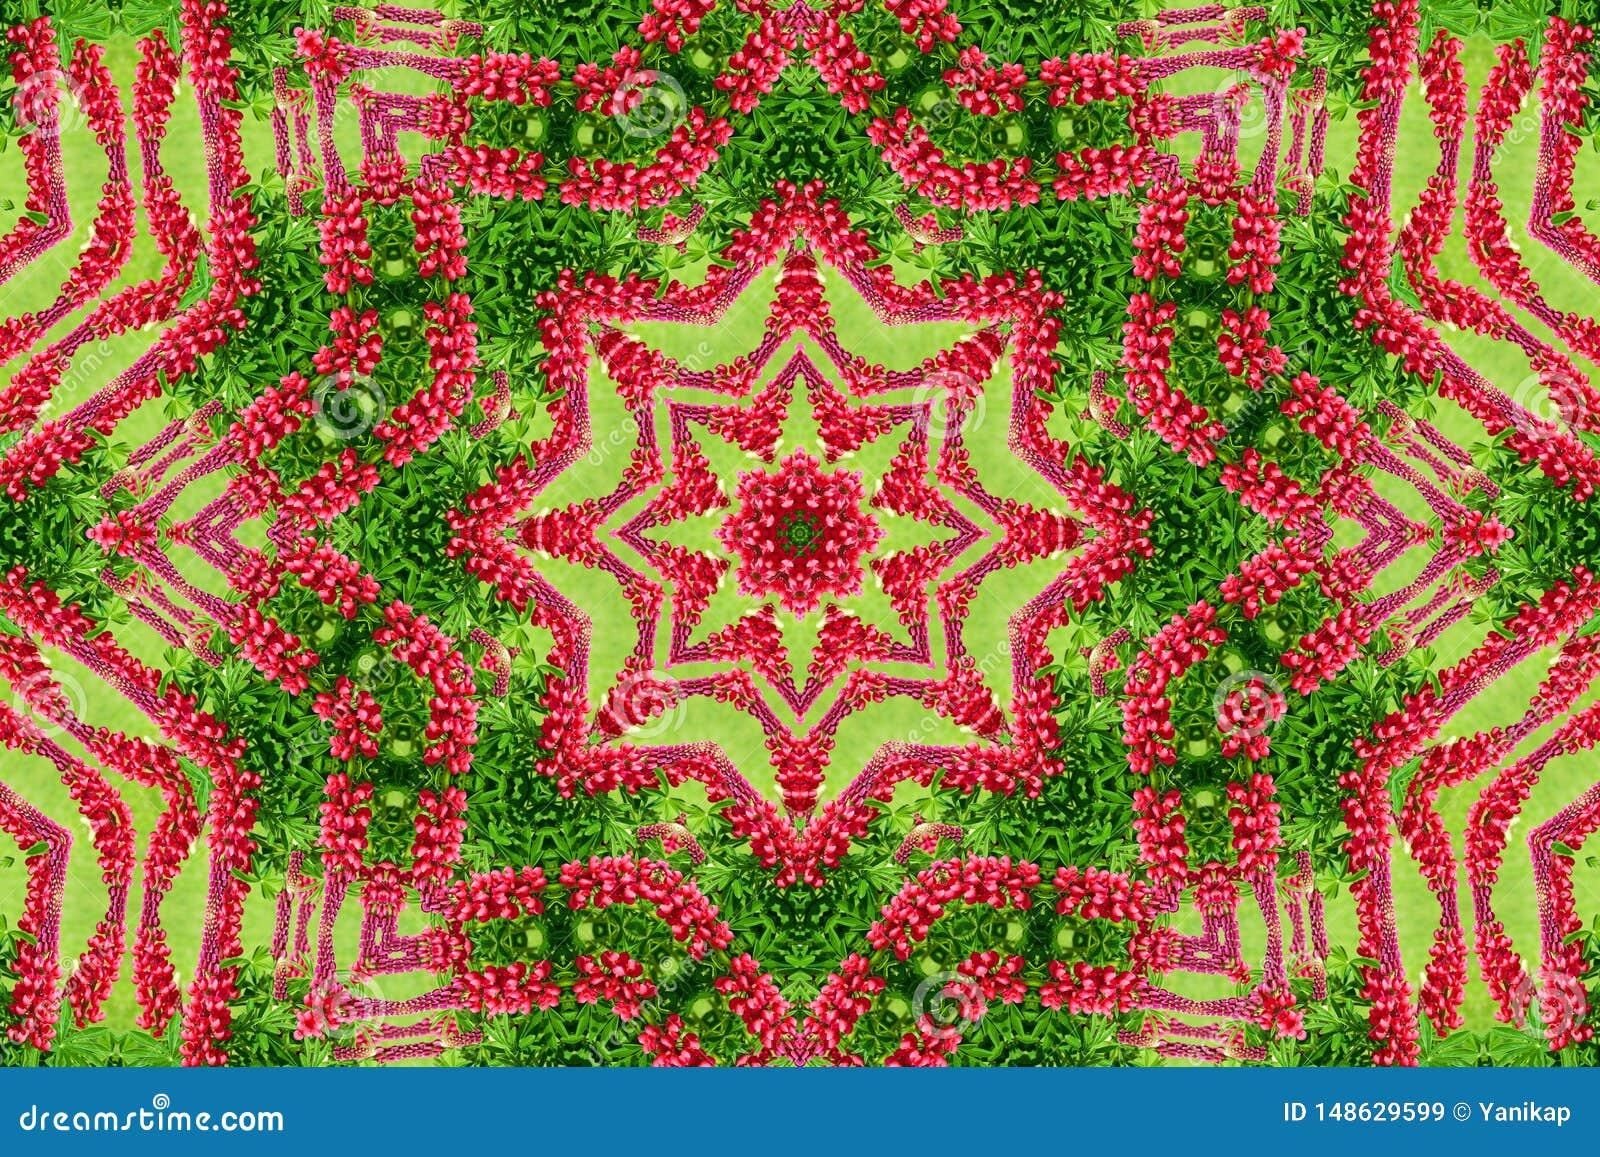 万花筒的花纹花样抽象背景